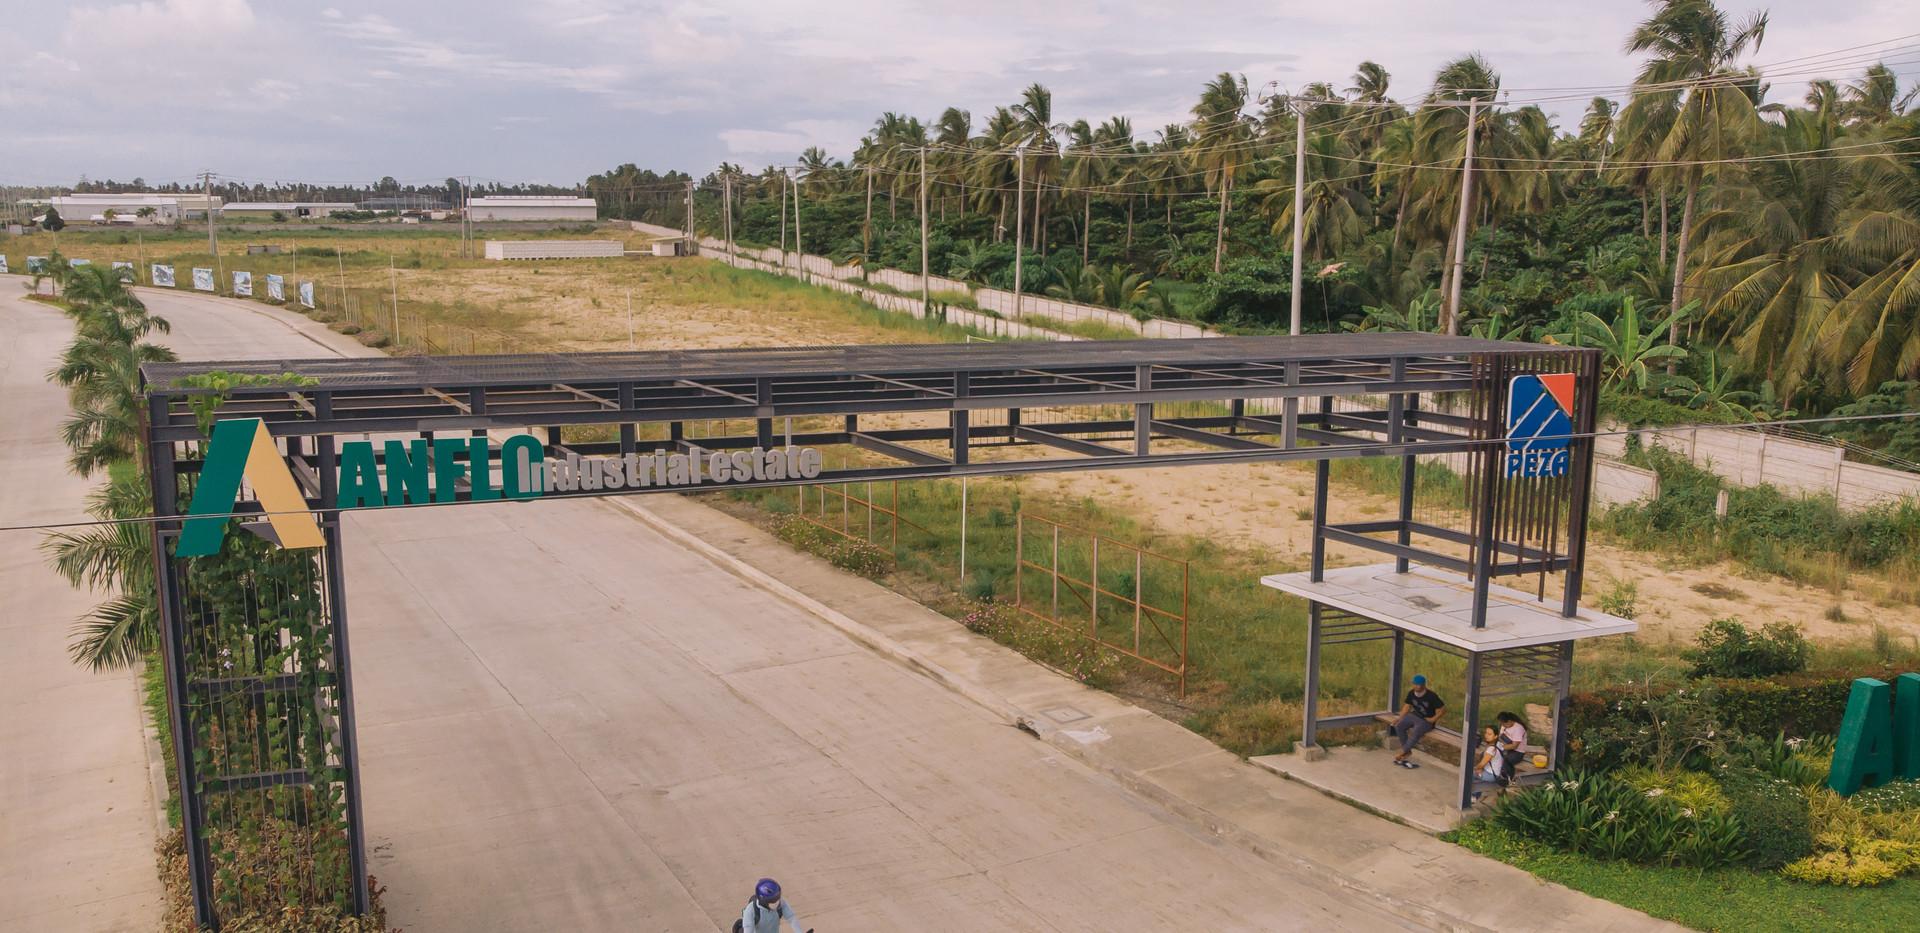 AIE Main Gate Entrance